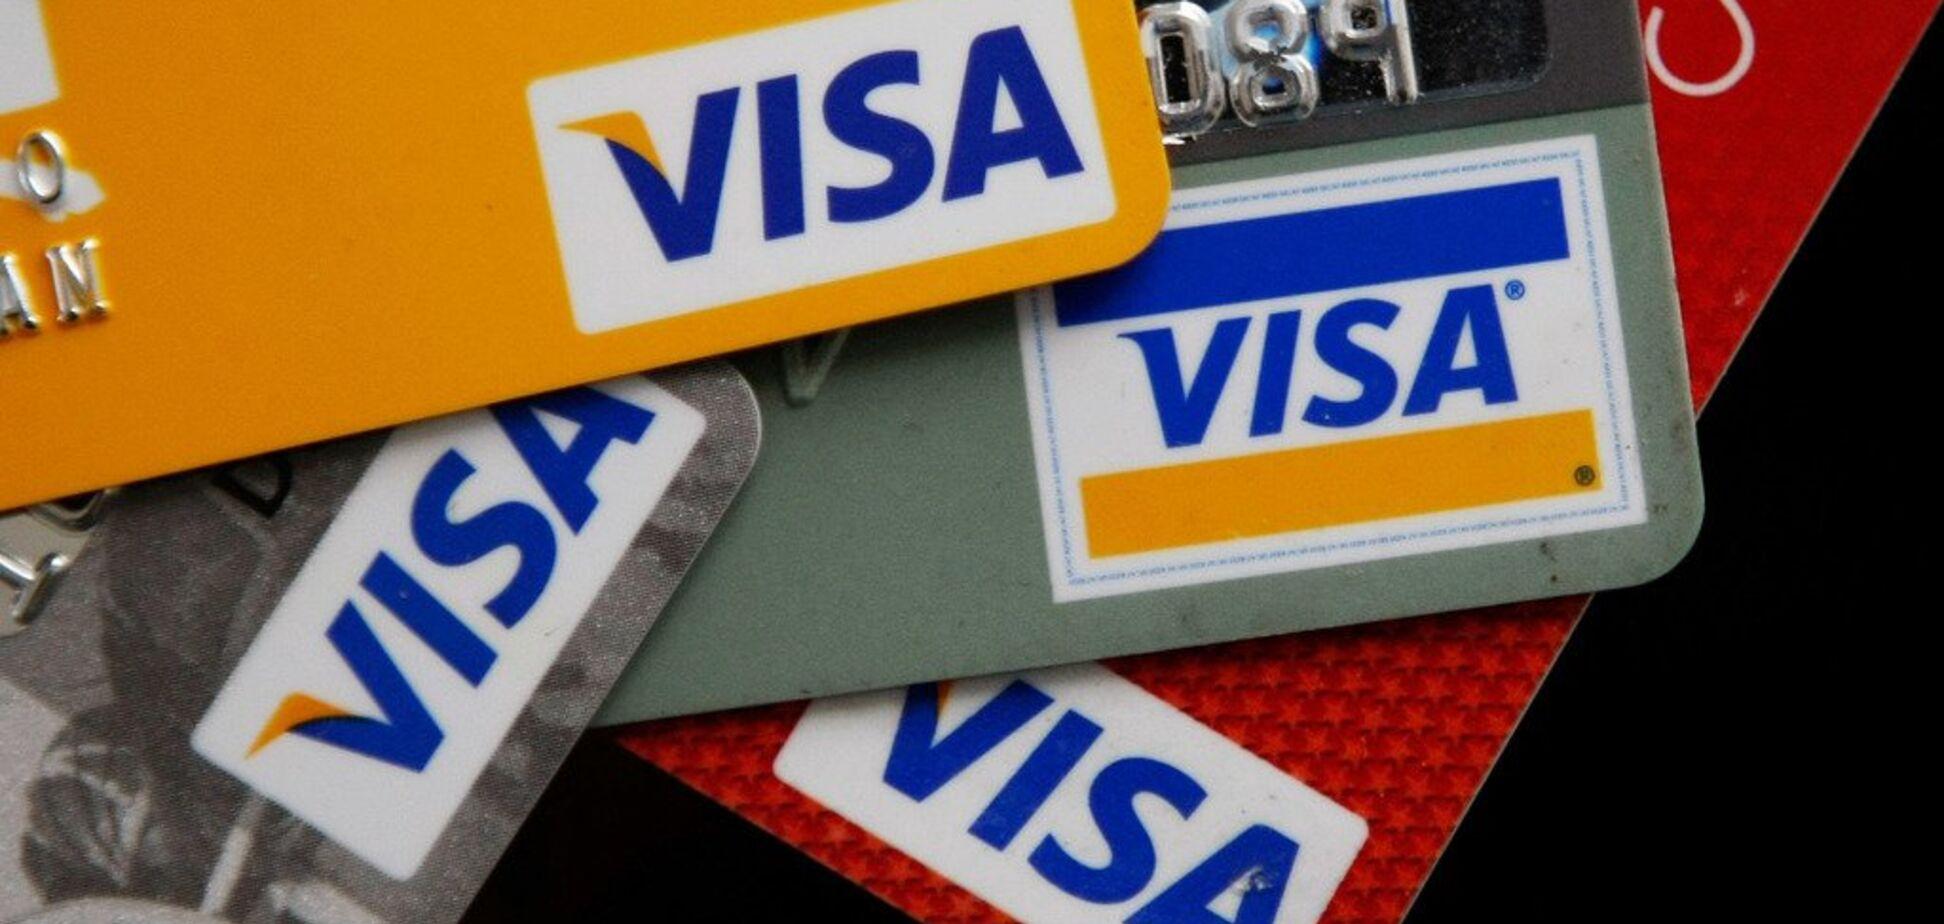 Крим позбавили Mastercard і Visa: стало відомо, як окупанти можуть обійти заборону